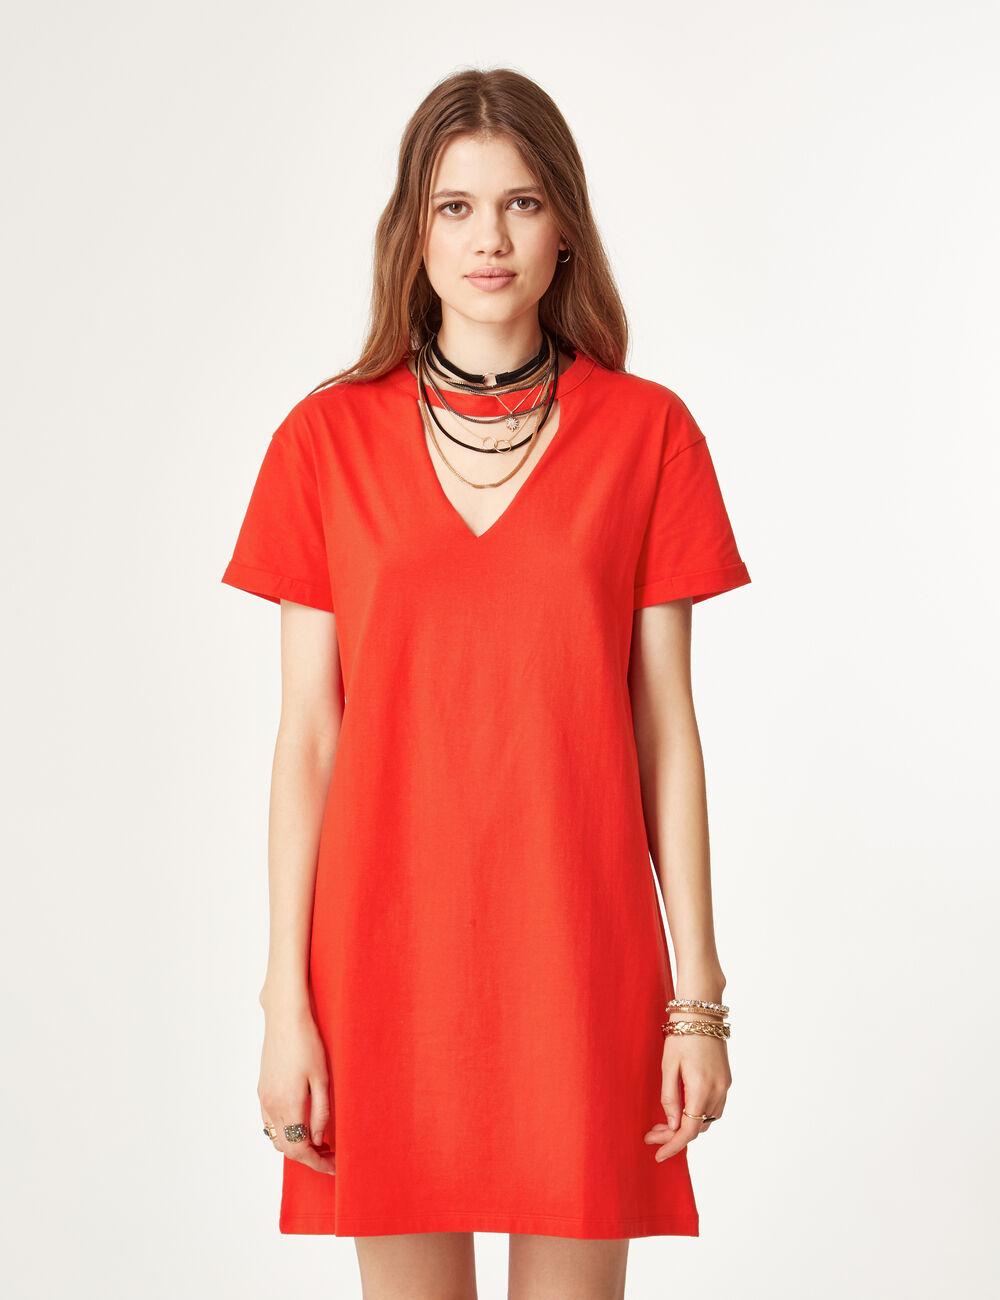 robe tee shirt rouge femme jennyfer. Black Bedroom Furniture Sets. Home Design Ideas